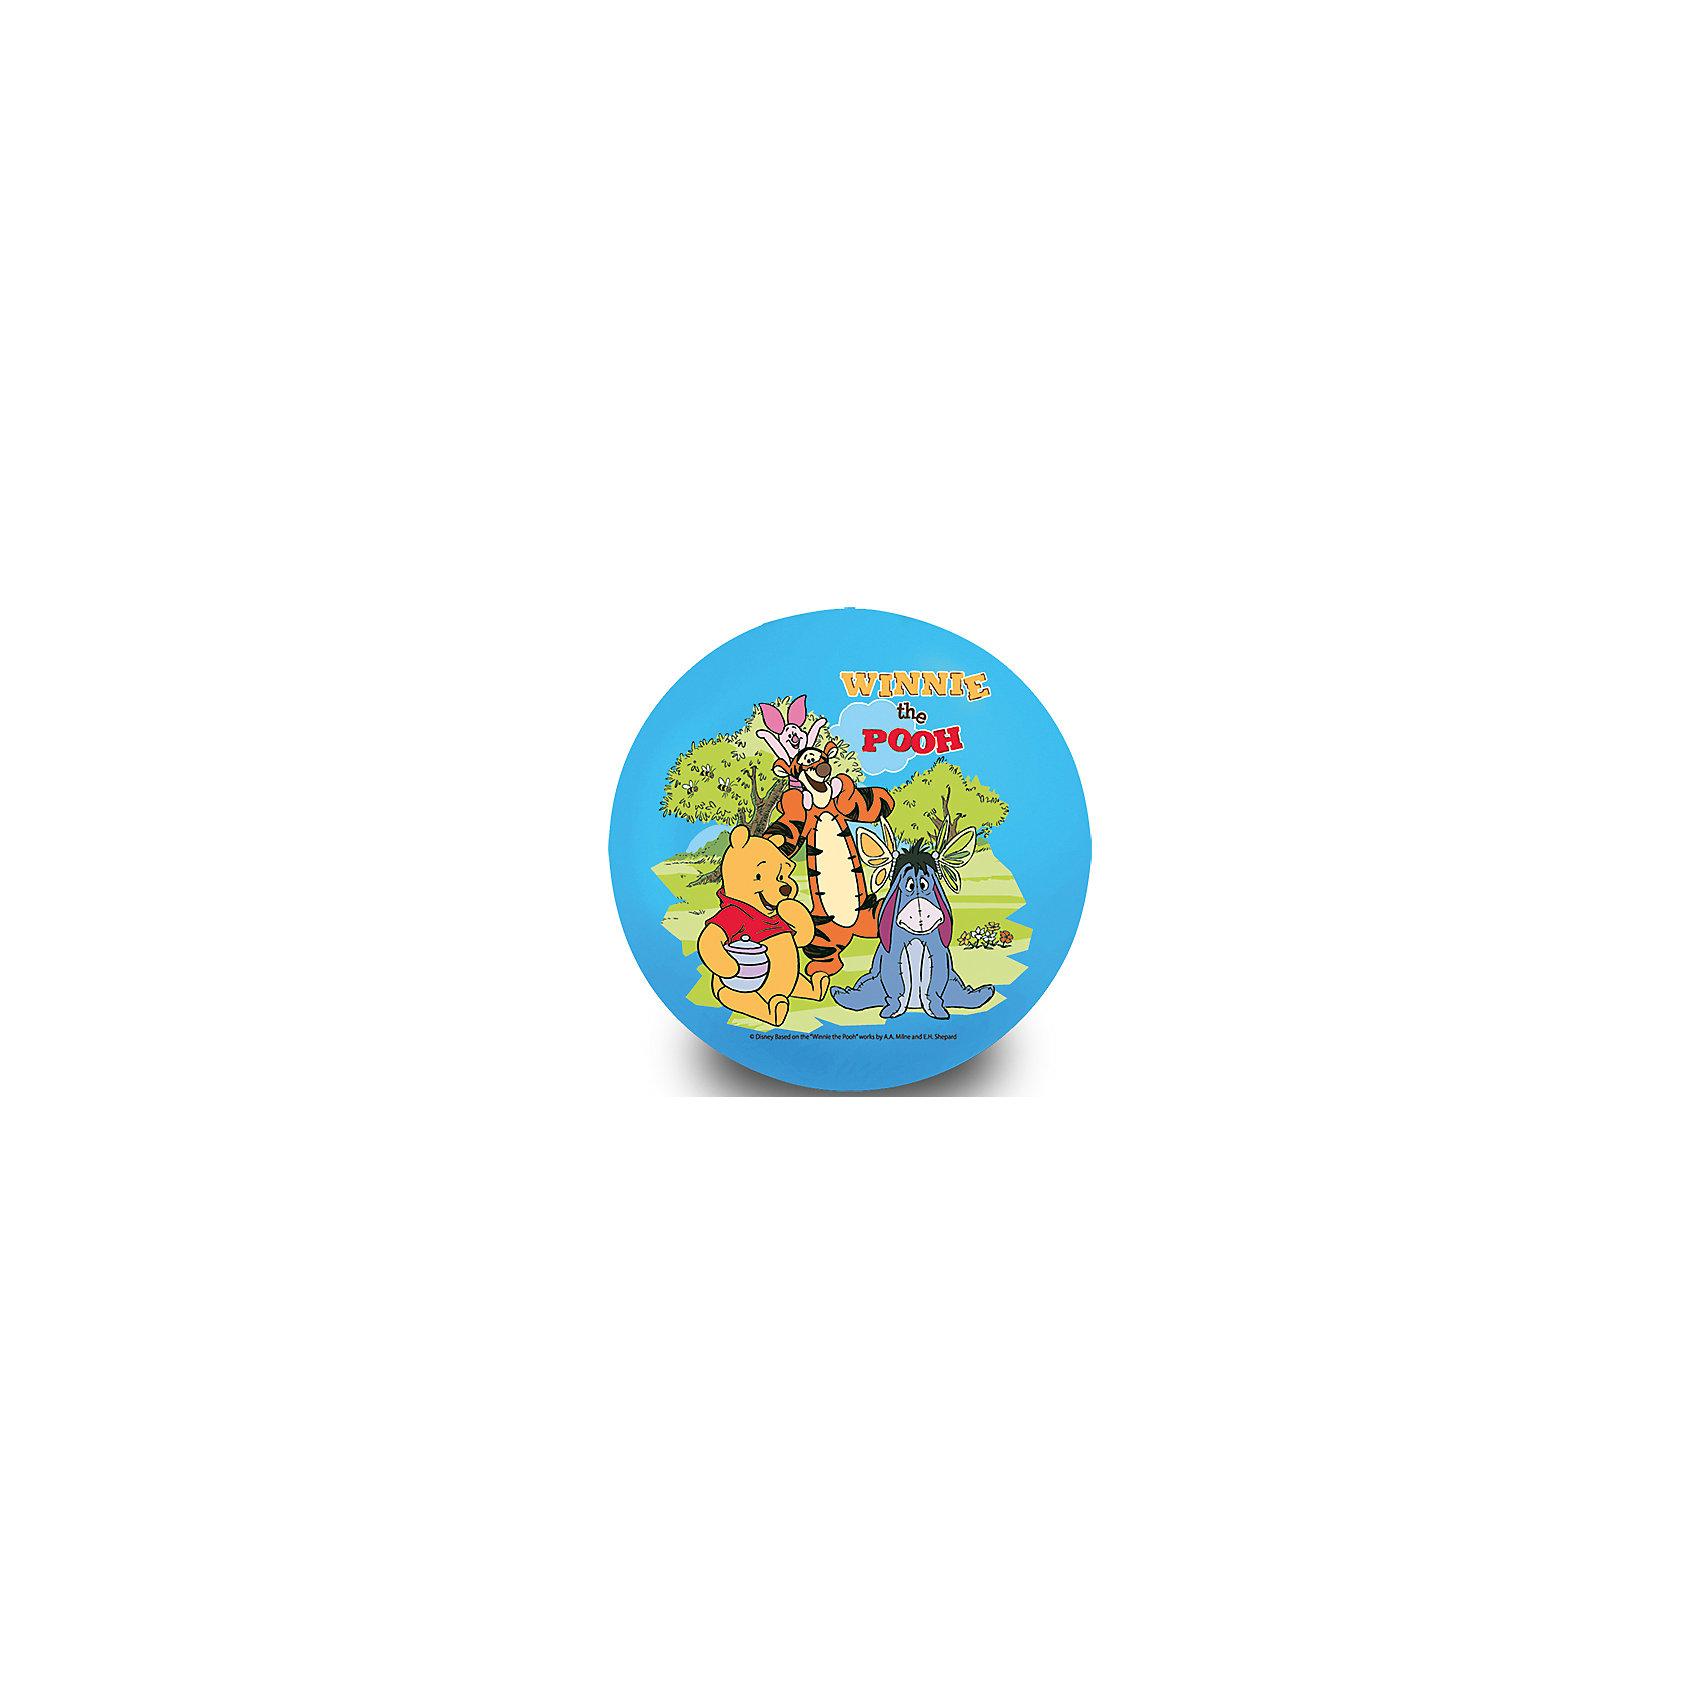 Мяч, 33 см, Винни-Пух, Играем вместеМячи детские<br>Мяч с изображением любимых героев - прекрасный подарок для любого ребенка! Игры с мячом  стимулируют детей к физической активности, развивают моторику, координацию, тренируют различные группы мышц. Игрушка выполнена из высококачественных материалов, в производстве которых использованы только нетоксичные, безопасные для детей красители. <br><br>Дополнительная информация:<br><br>- Материал: ПВХ.<br>- Размер d - 33 см.<br><br>Мяч, 33 см, Винни-Пух, Играем вместе, можно купить в нашем магазине.<br><br>Ширина мм: 450<br>Глубина мм: 350<br>Высота мм: 290<br>Вес г: 130<br>Возраст от месяцев: 36<br>Возраст до месяцев: 96<br>Пол: Унисекс<br>Возраст: Детский<br>SKU: 4616840